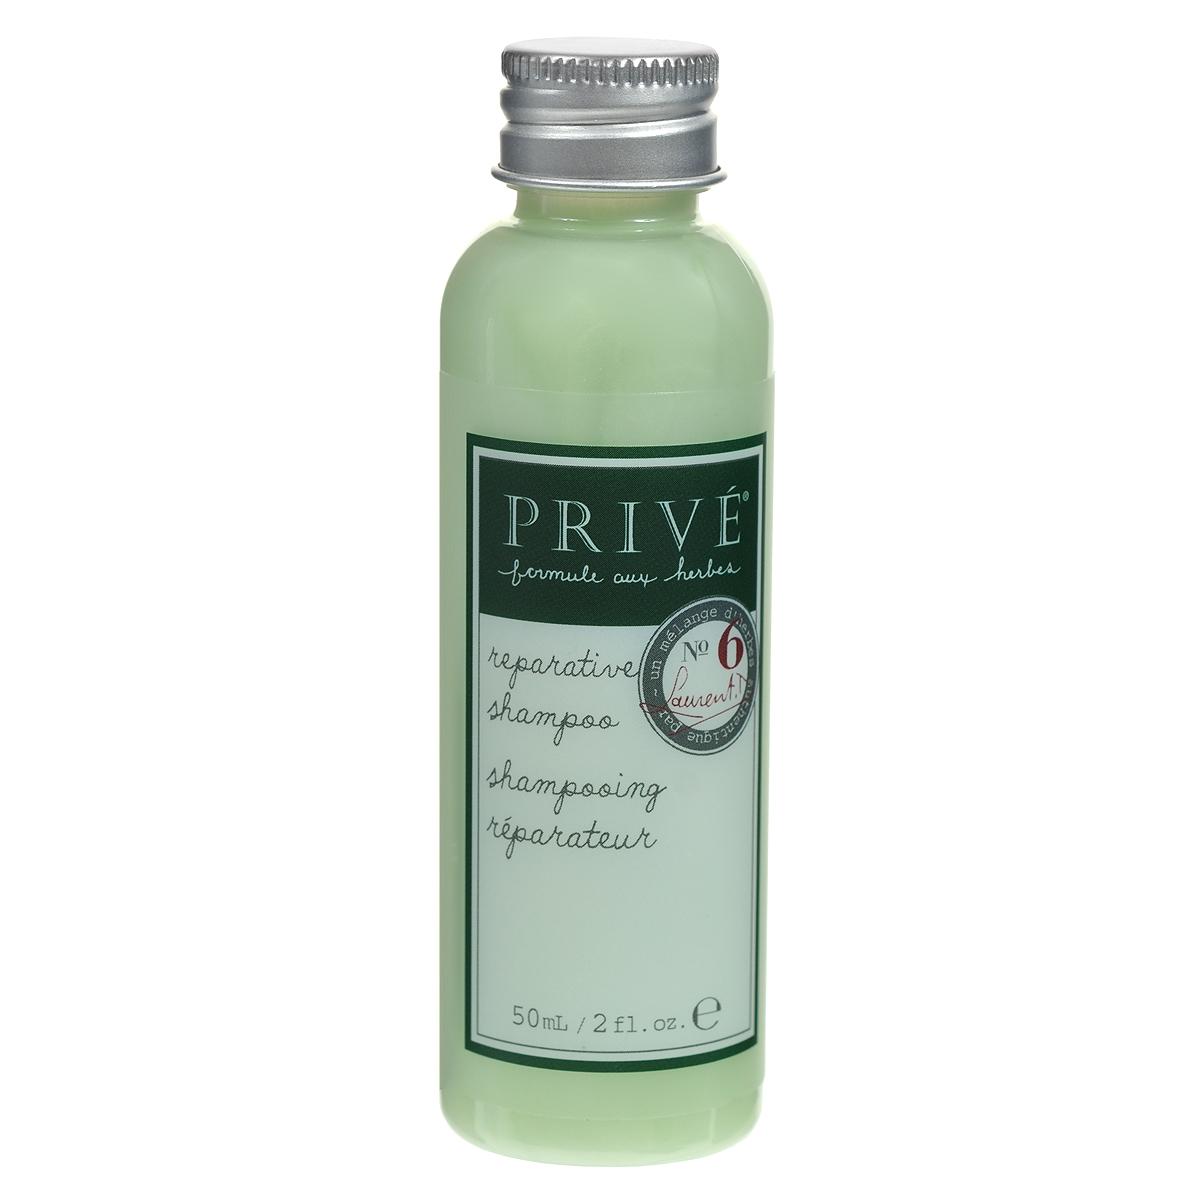 Prive Шампунь для волос, восстанавливающий, 50 млPRV4913502Алоэ-вера, экстракт орхидеи и смесь трав интенсивно увлажняют и великолепно смягчают сухие, поврежденные волосы, в том числе после окрашивания и химзавивки. Сохраняет цвет окрашенных волос. Способствует активному восстановлению. Делает волосы здоровыми и блестящими. Формула, сохраняющая цвет окрашенных волос восстанавливает поврежденные волосы, глицерин и алоэ дополнительно увлажняют и смягчают волосы. Характеристики: Объем: 50 мл. Артикул: PRV4913502. Производитель: США. Товар сертифицирован.